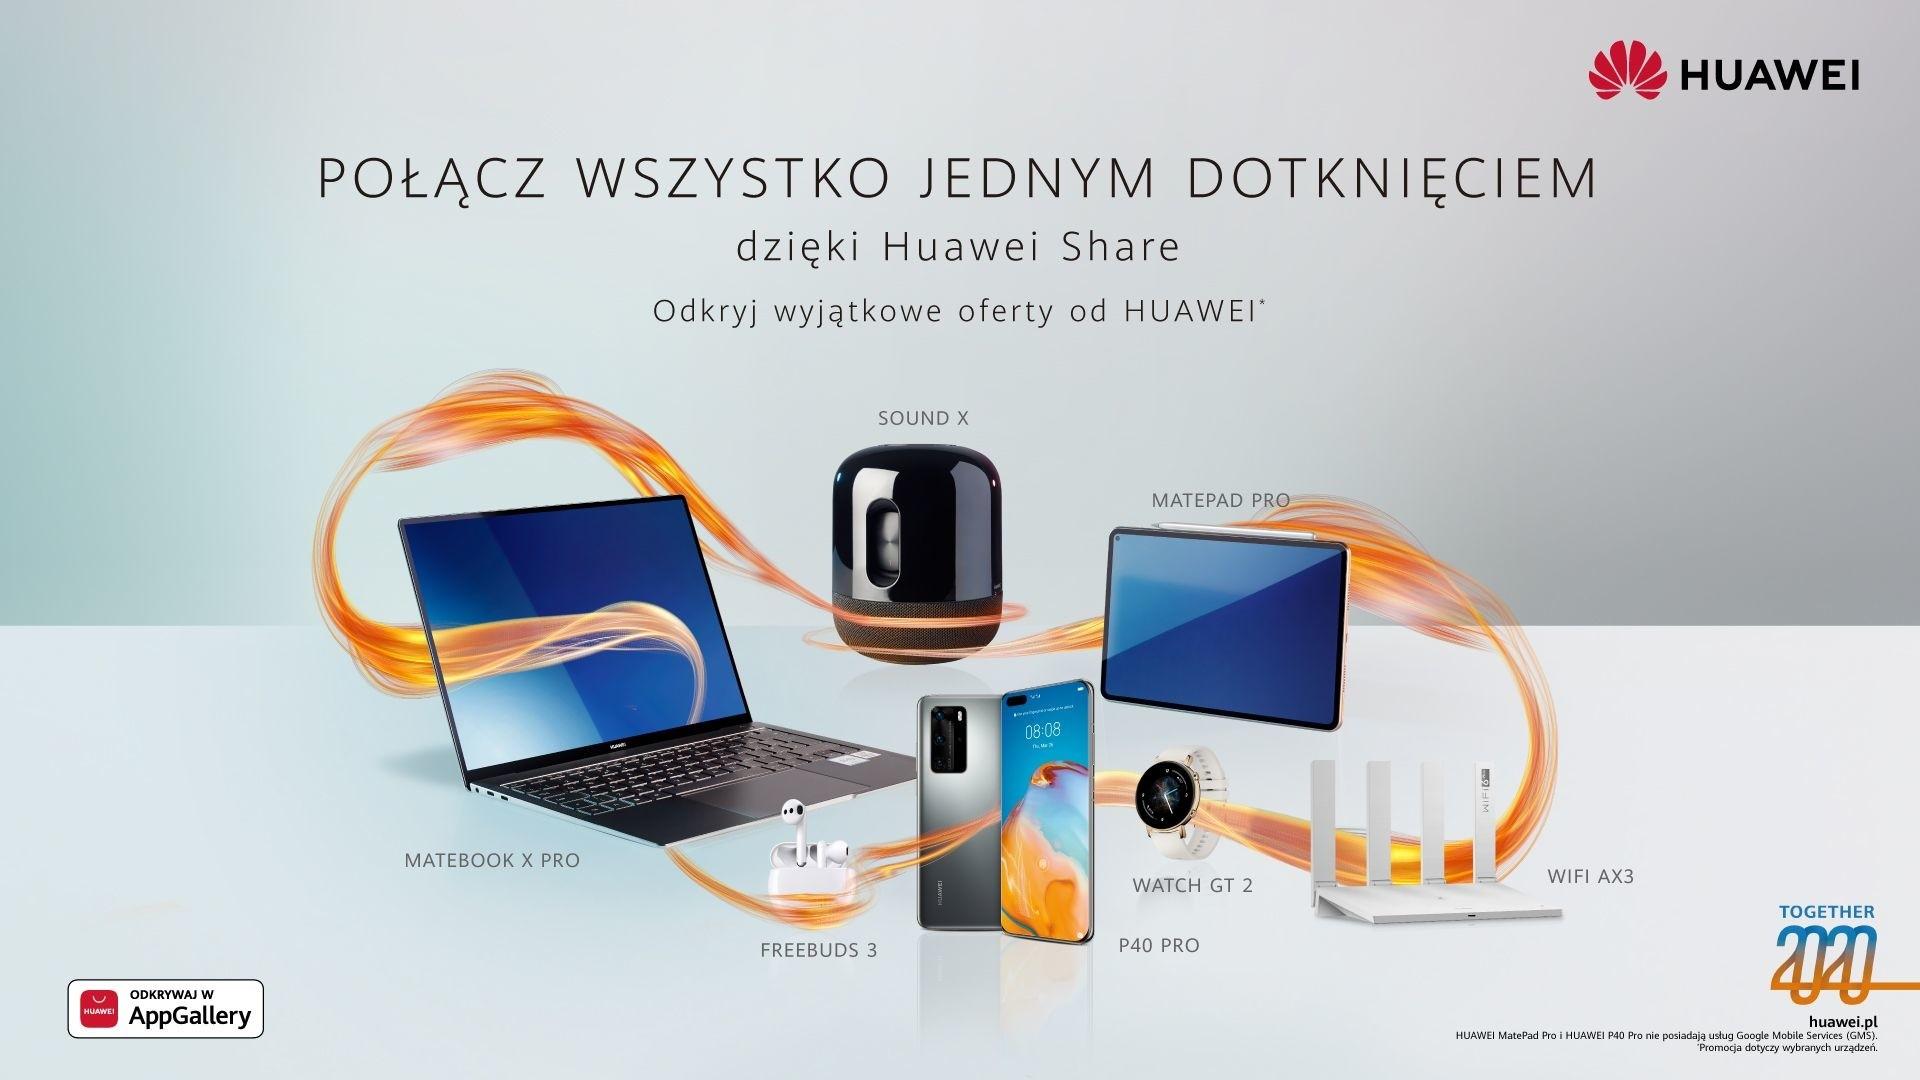 Huawei Toegether